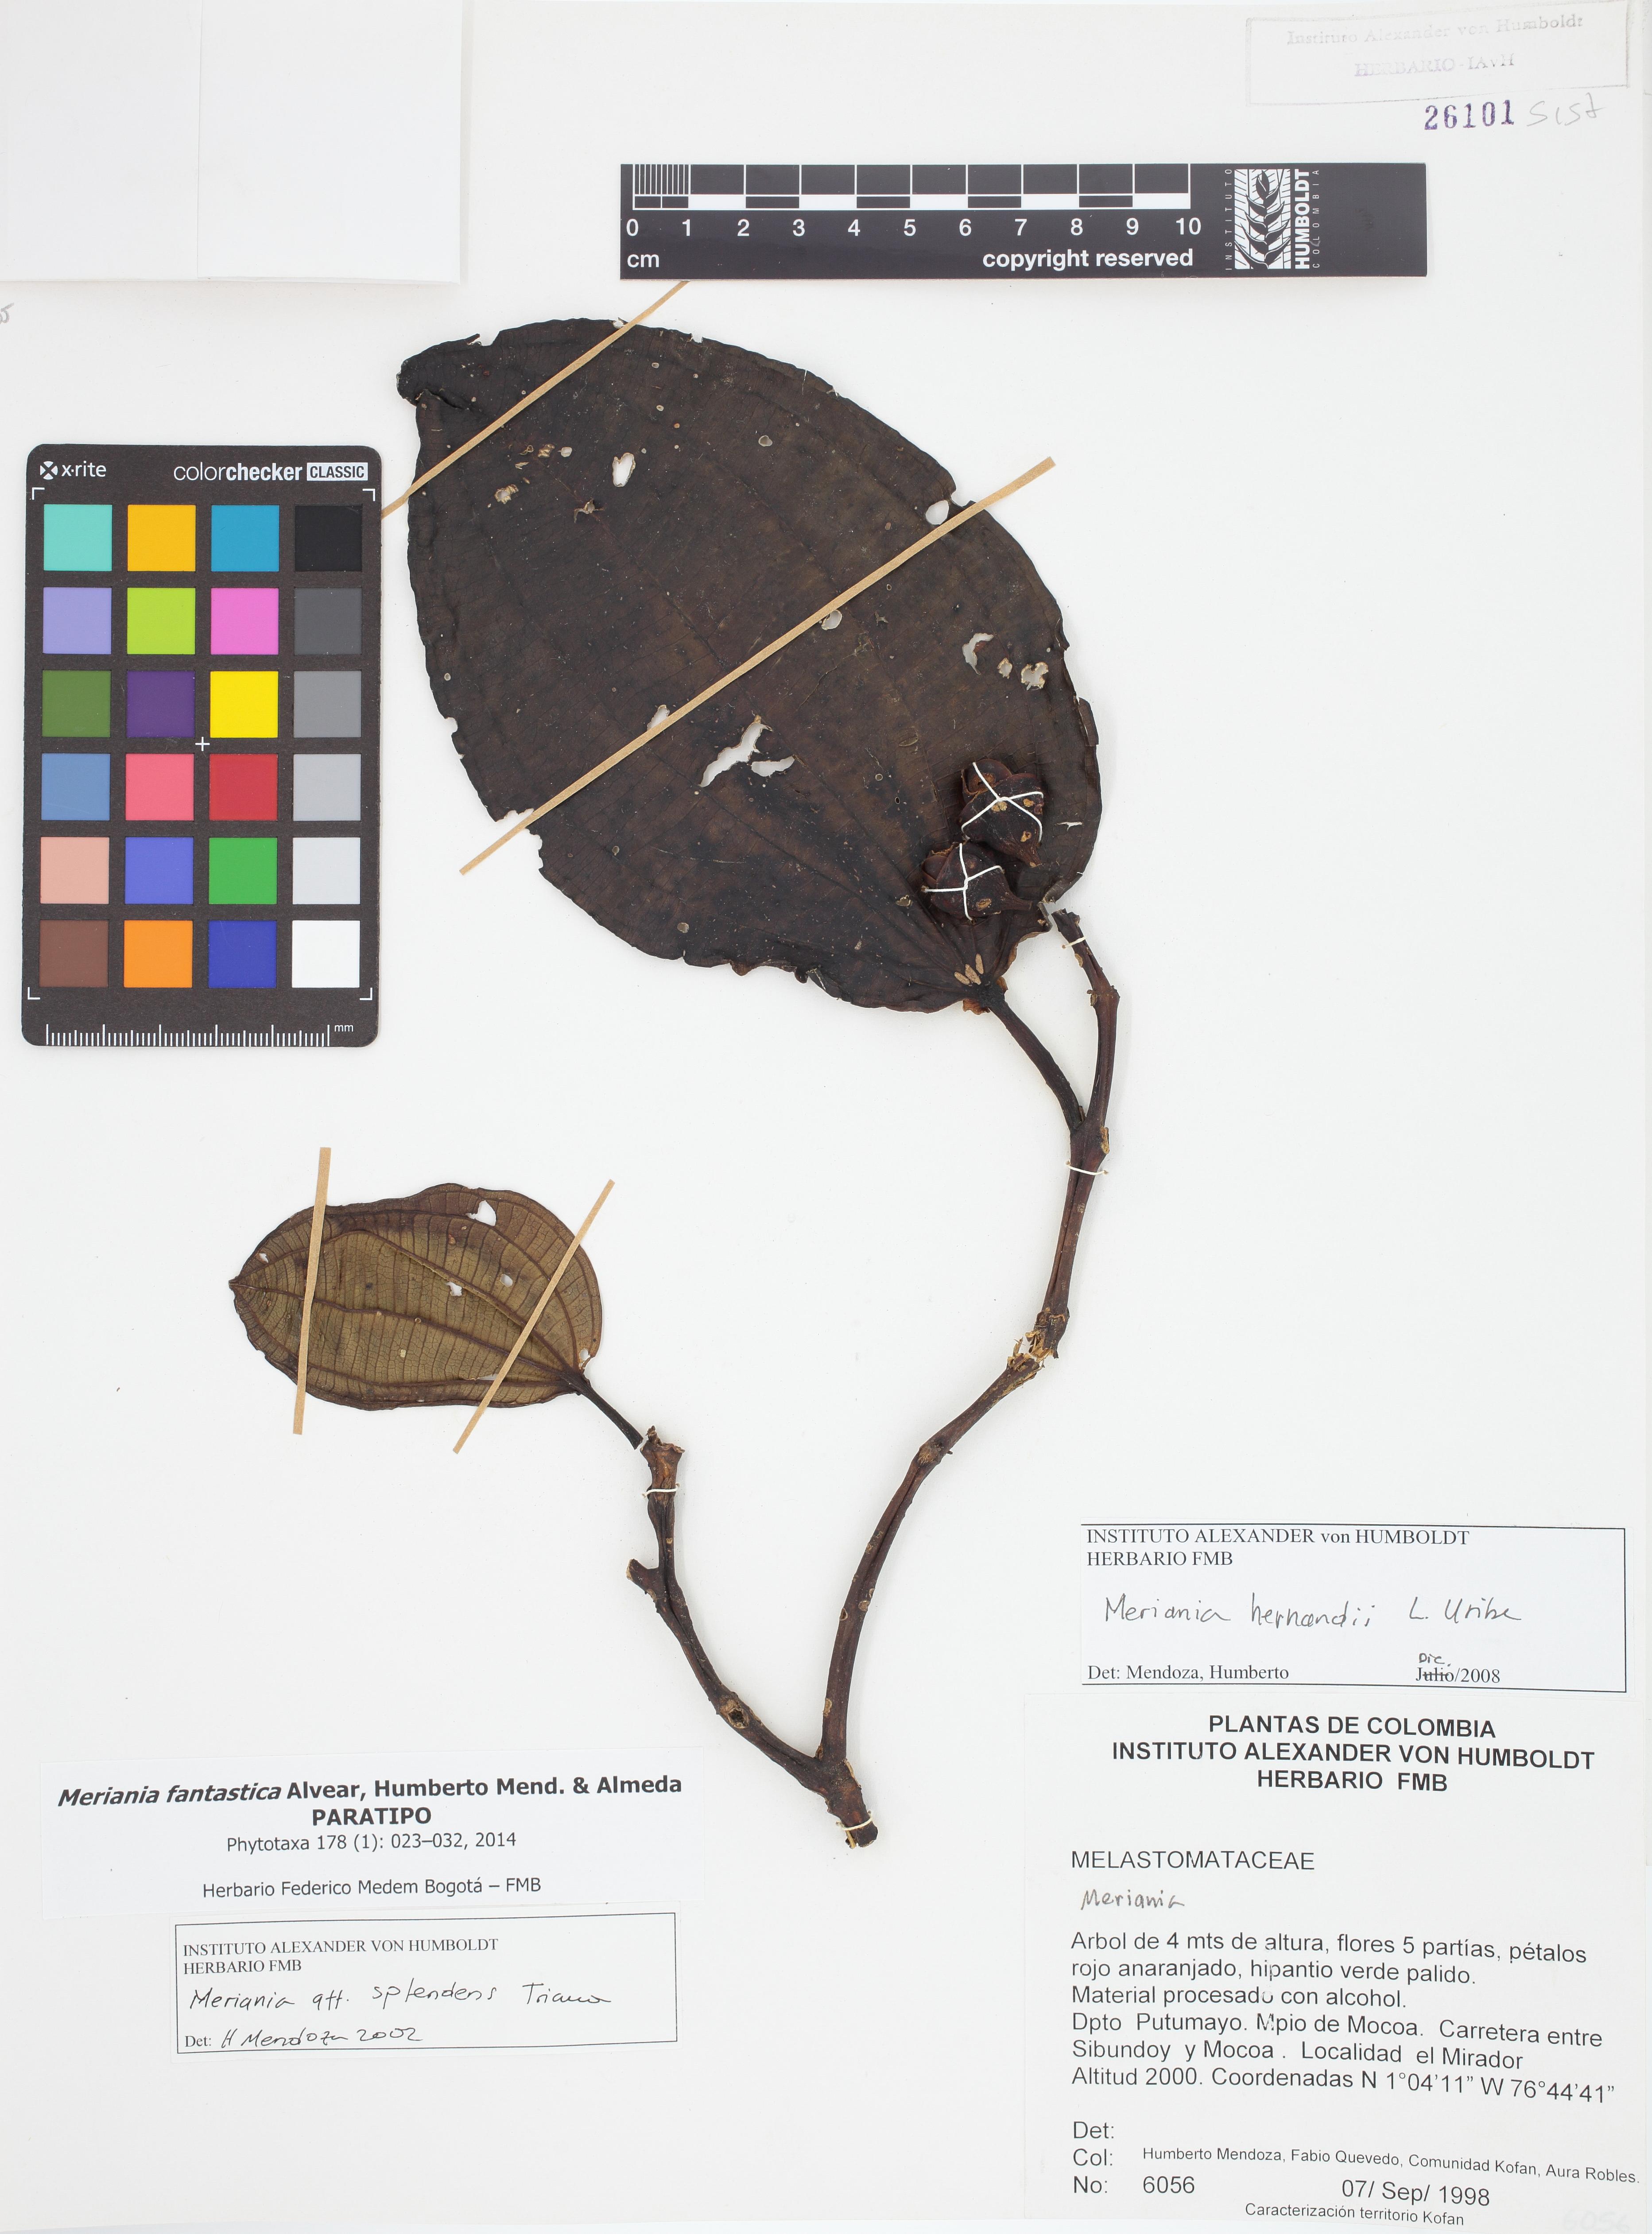 Paratipo de <em>Meriania fantastica</em>, FMB-26101, Fotografía por Robles A.